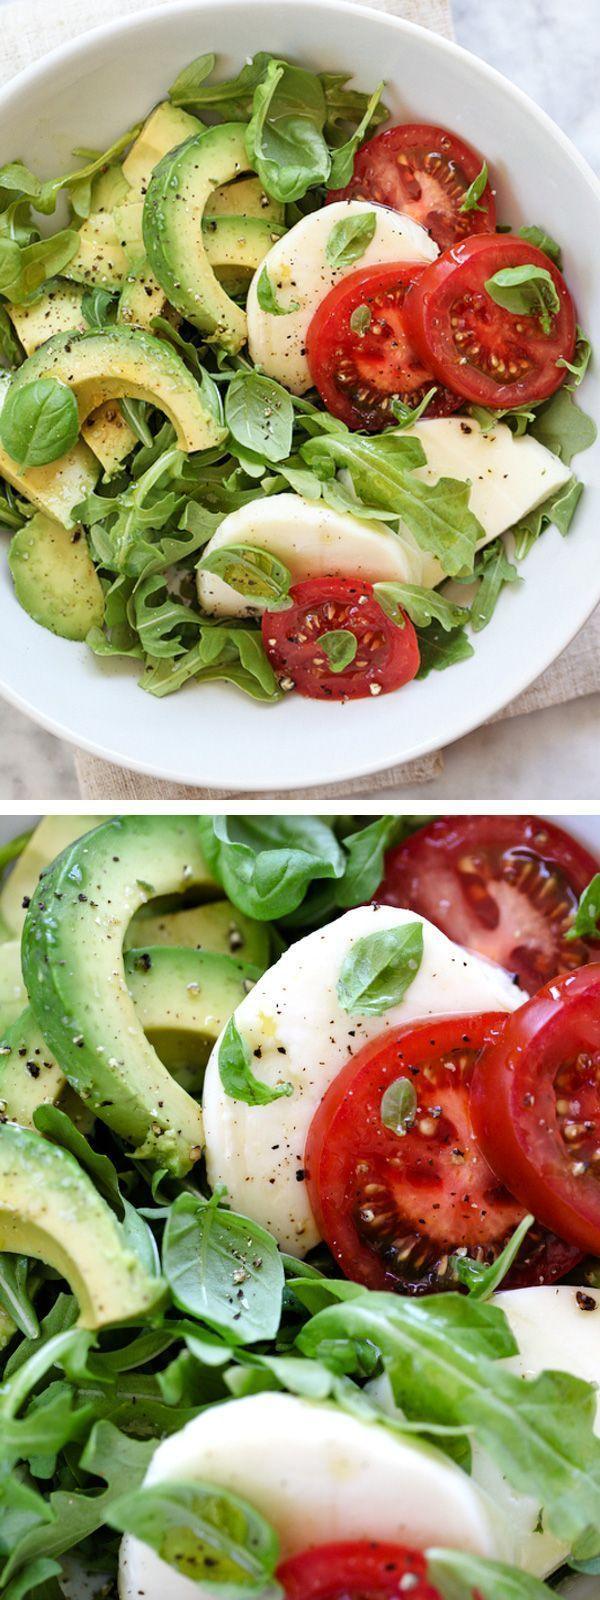 Avocado Caprese Salad. #glutenfree #recipe #vegetarian | FoodieCrush.com